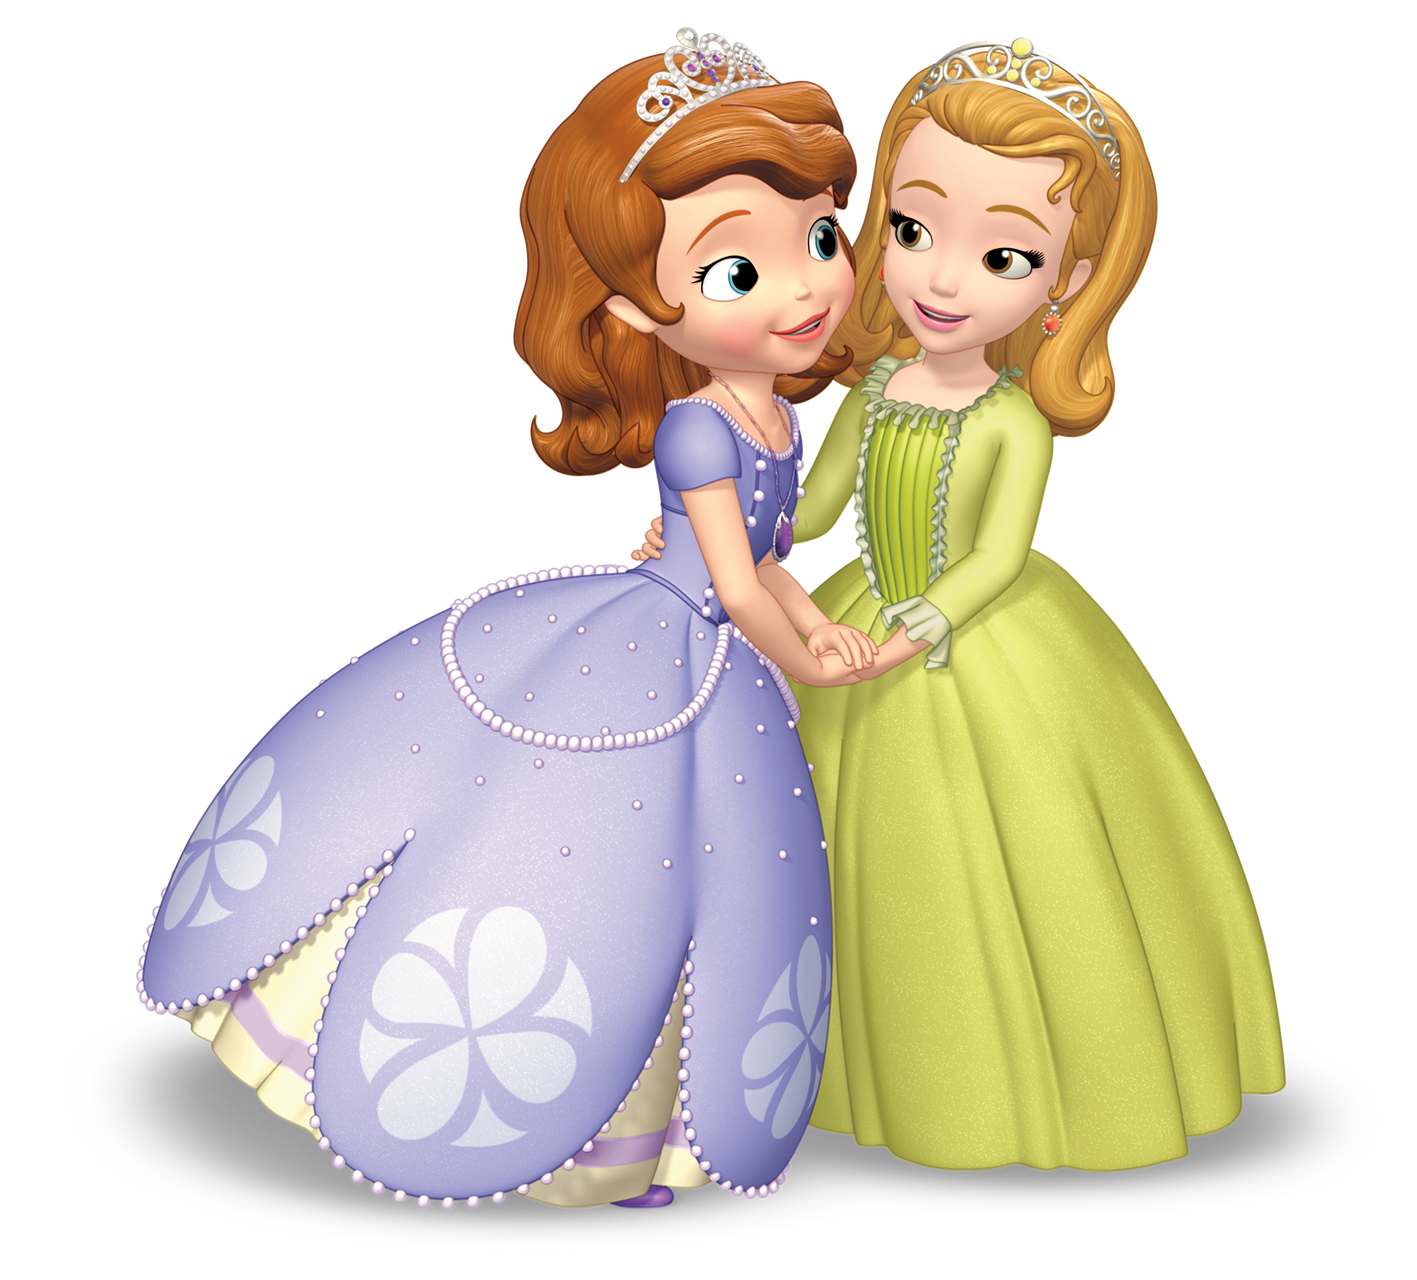 софия прекрасная картинки персонажей пожелания друзьям